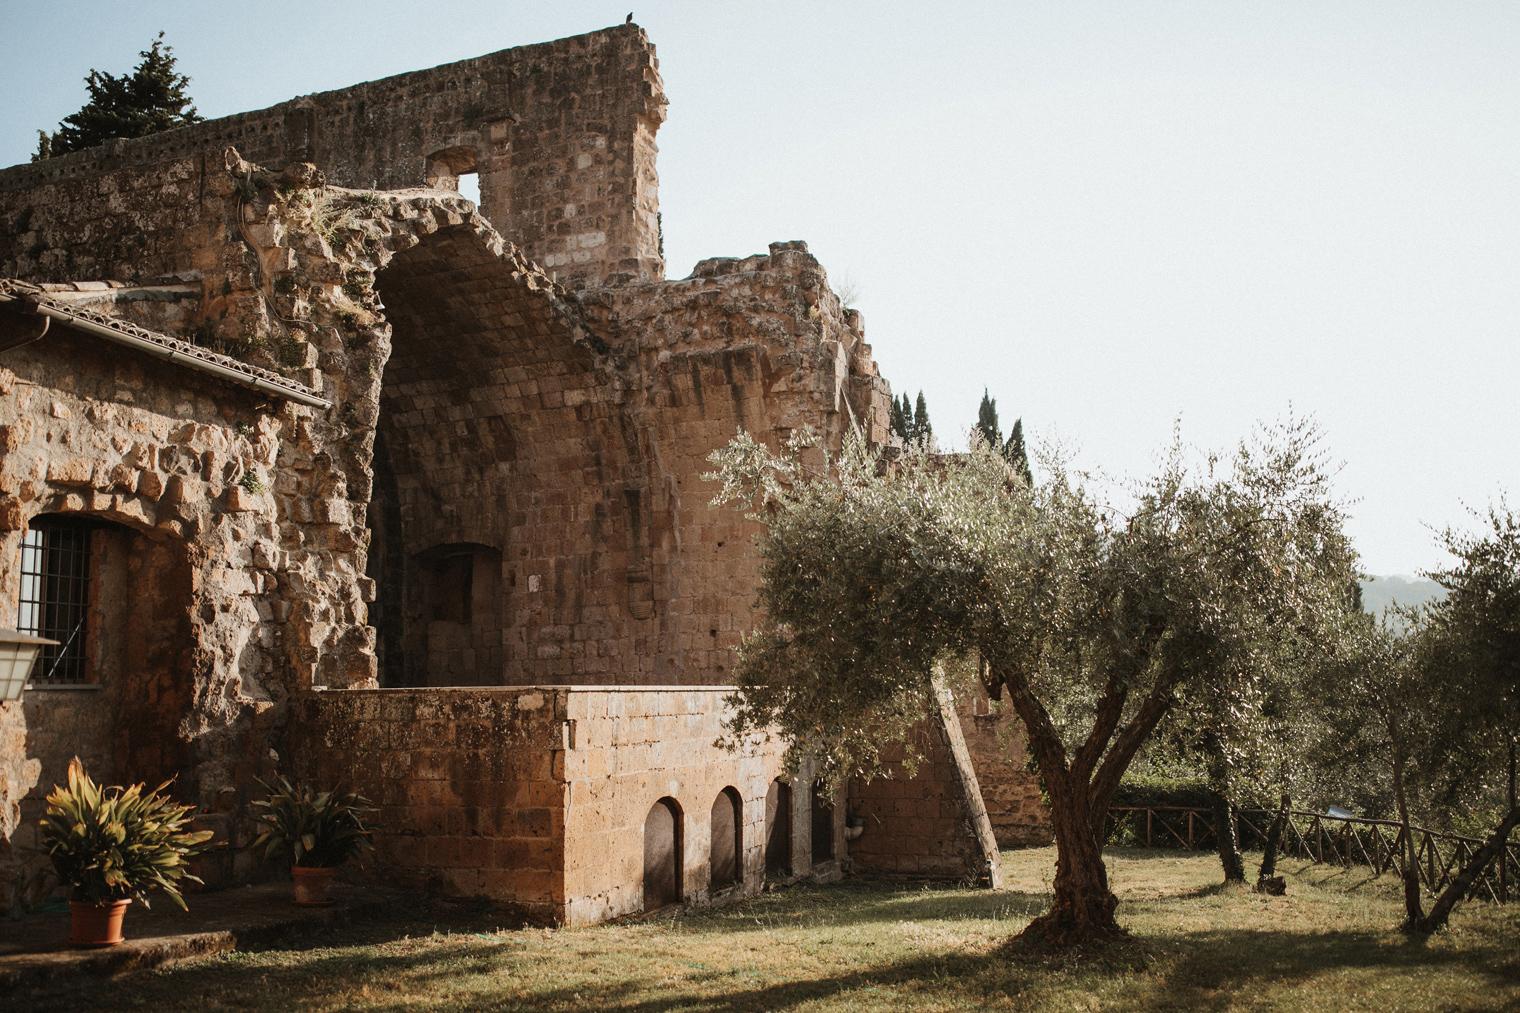 La Badia Di Orvieto wedding venue in Umbria